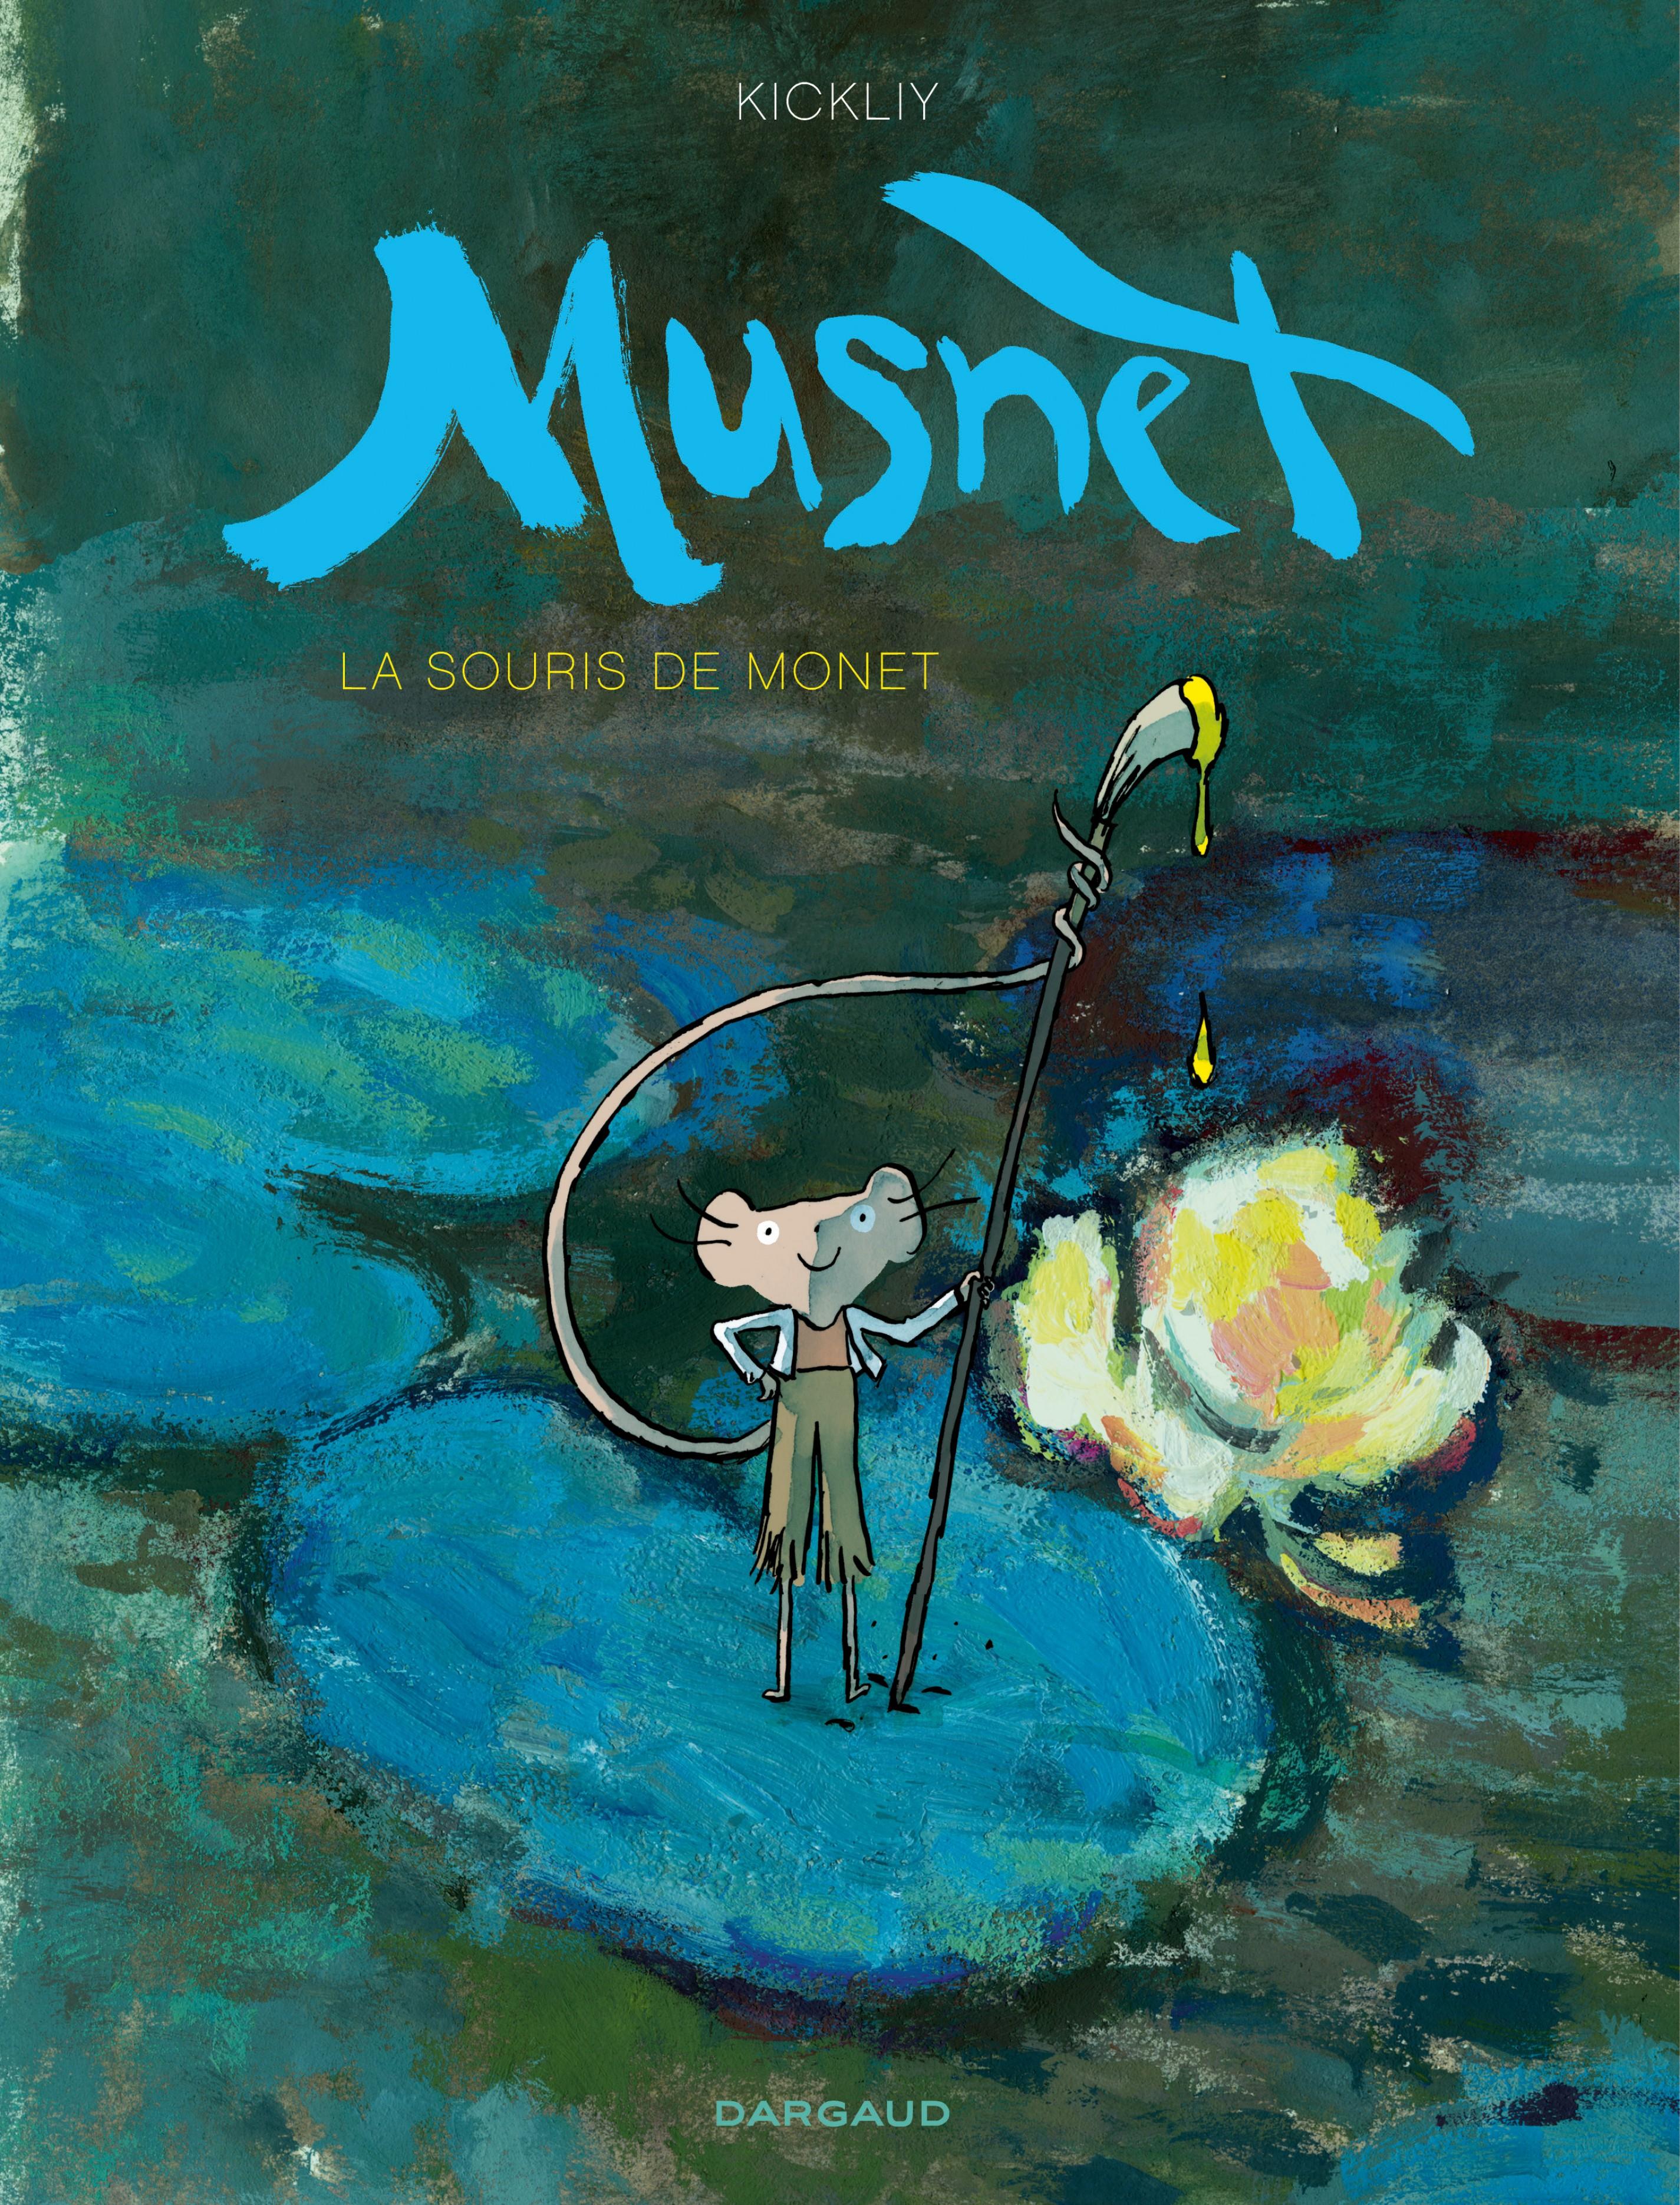 Musnet - Tome 1 - La Souris de Monet | Kickliy,